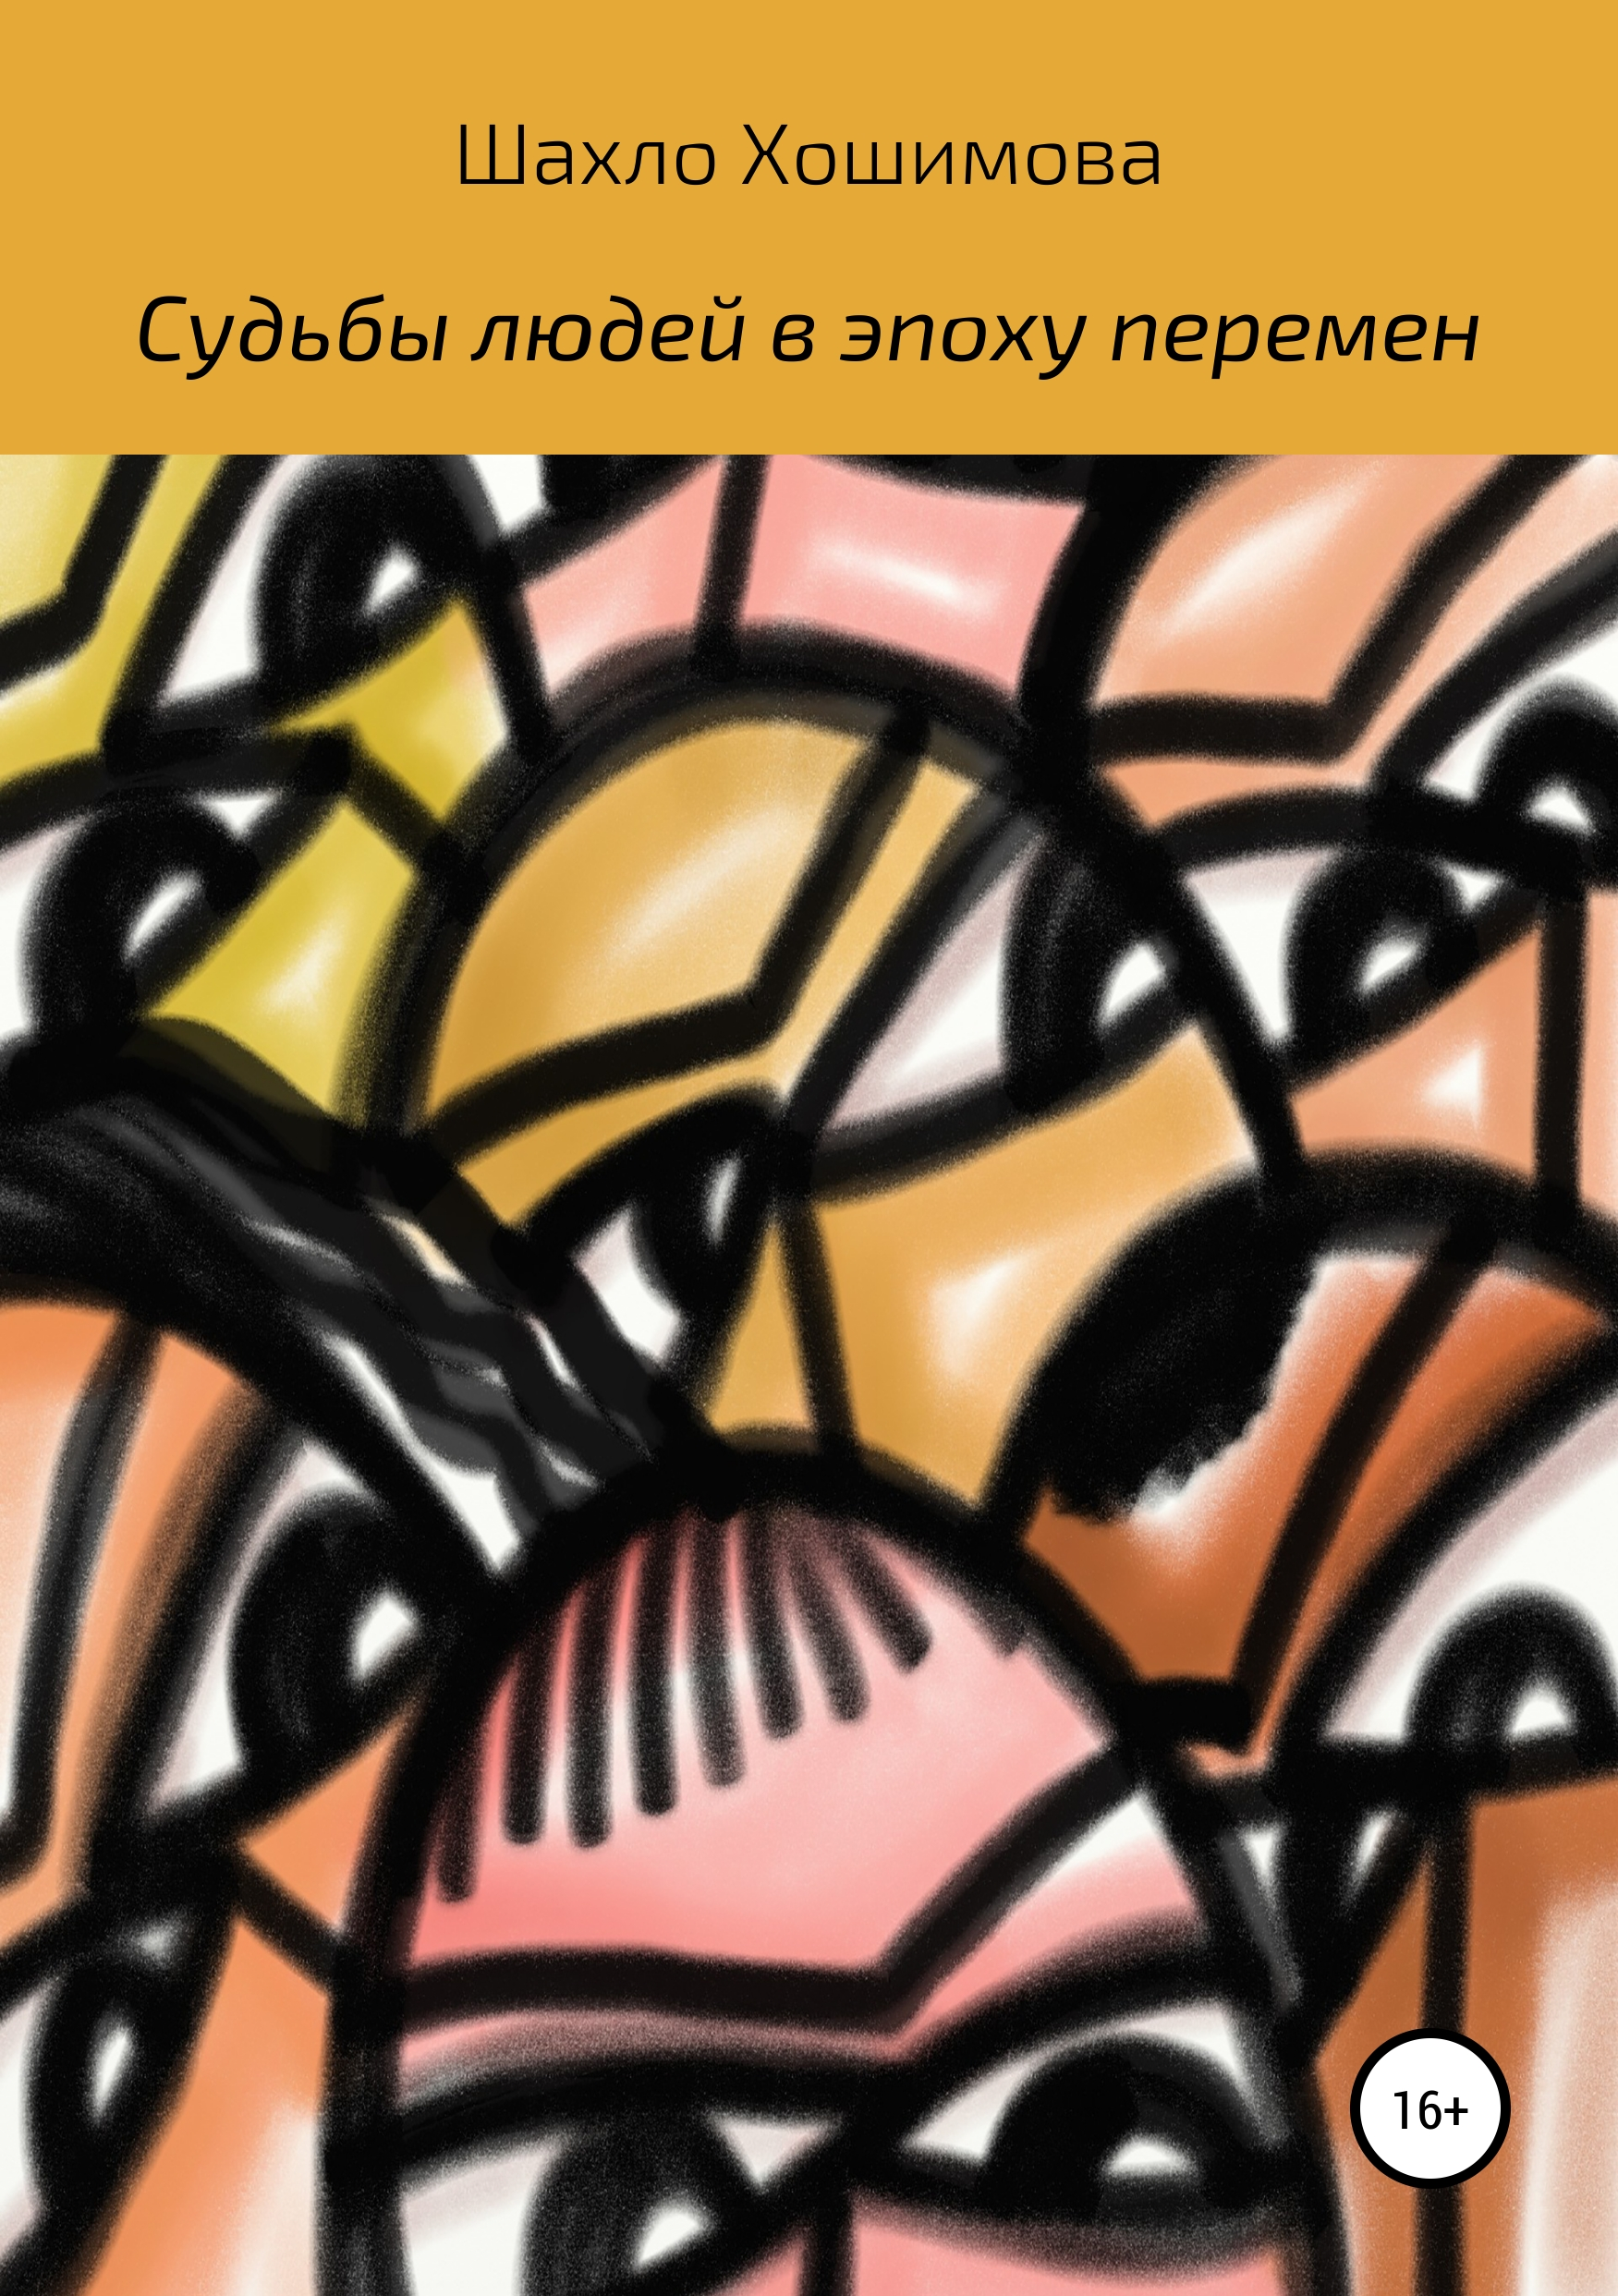 Шахло Тилавовна Хошимова Судьбы людей в эпоху перемен шахло тилавовна хошимова судьбы людей в эпоху перемен